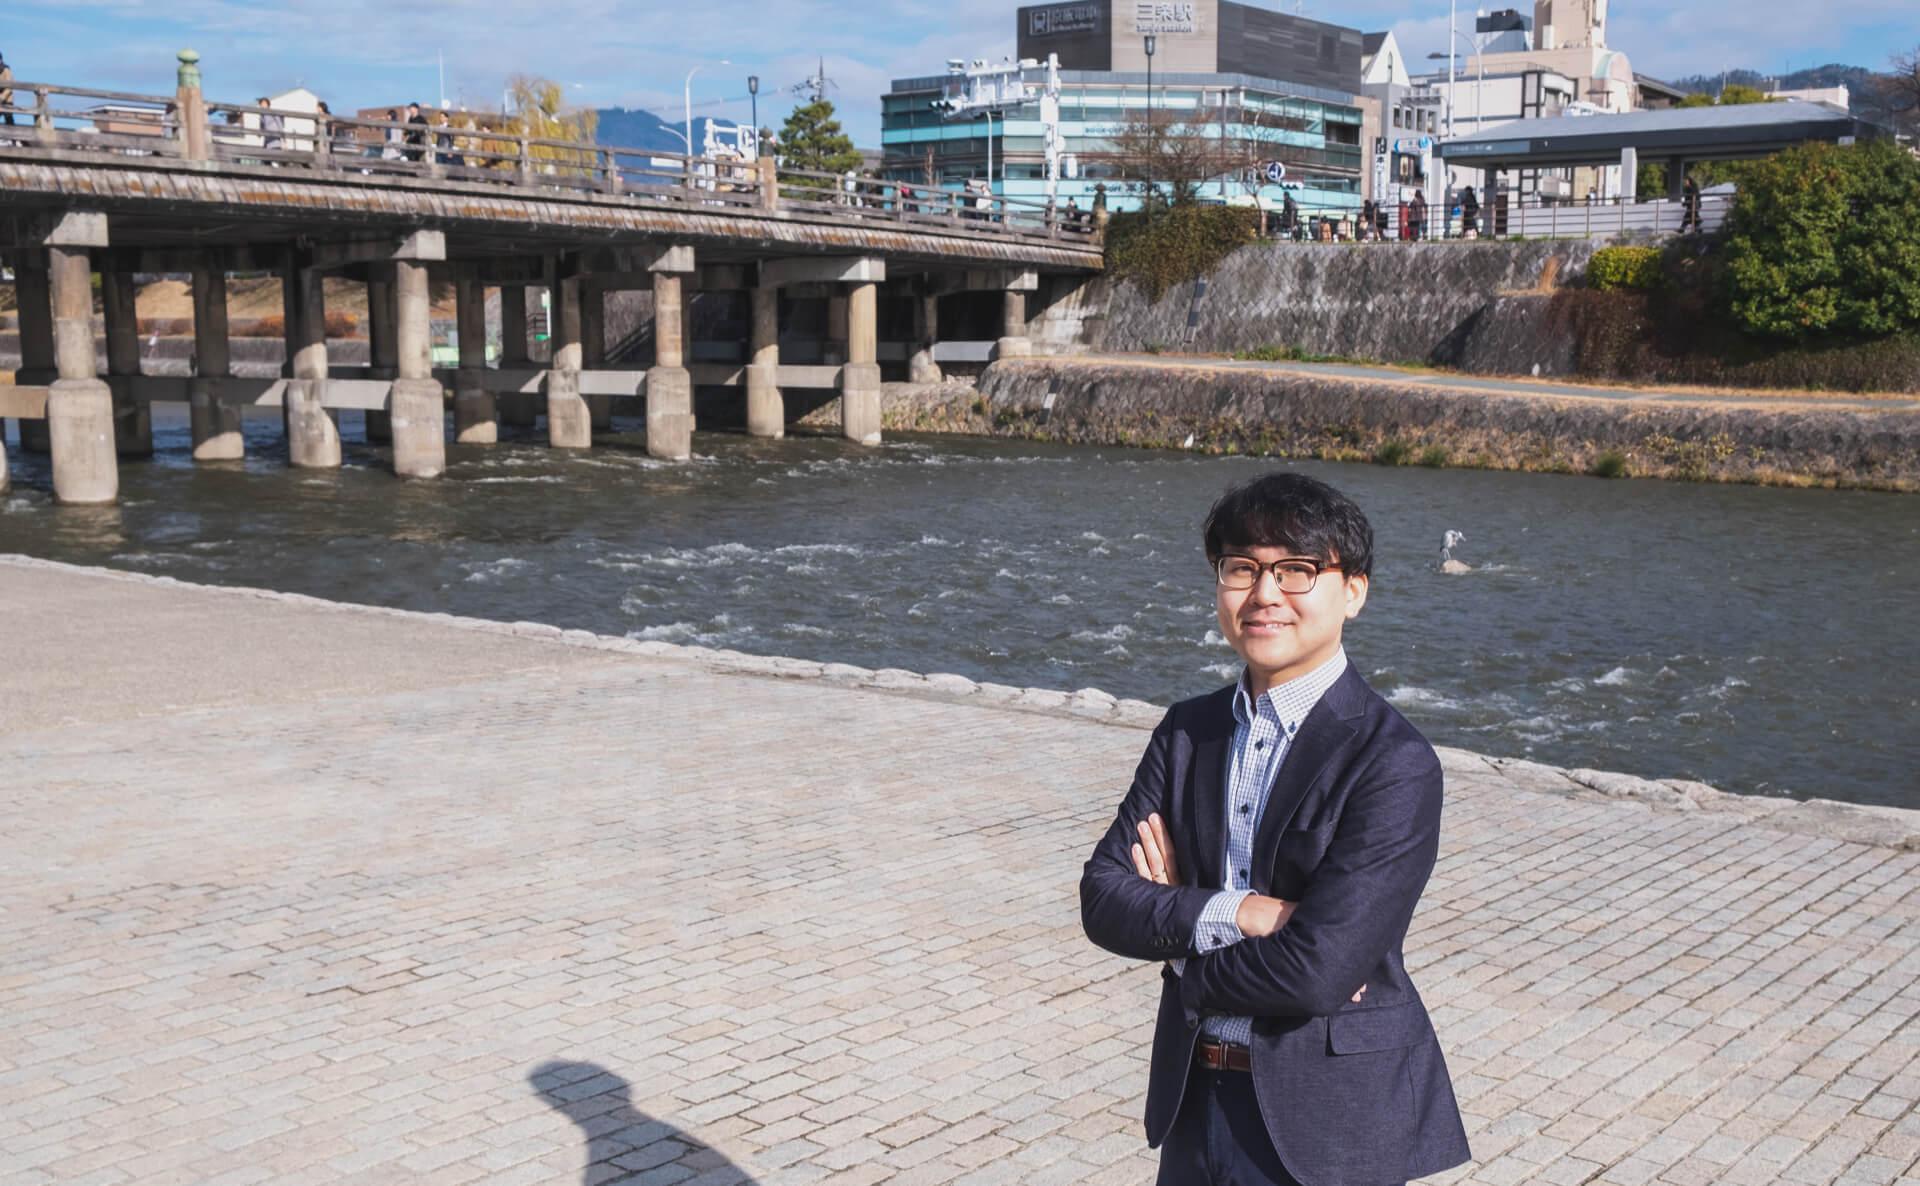 少ない 客 京都 観光 あなたの県は何位?観光客数ランキングをまとめてみたら、京都や北海道は『埼玉以下』と判明